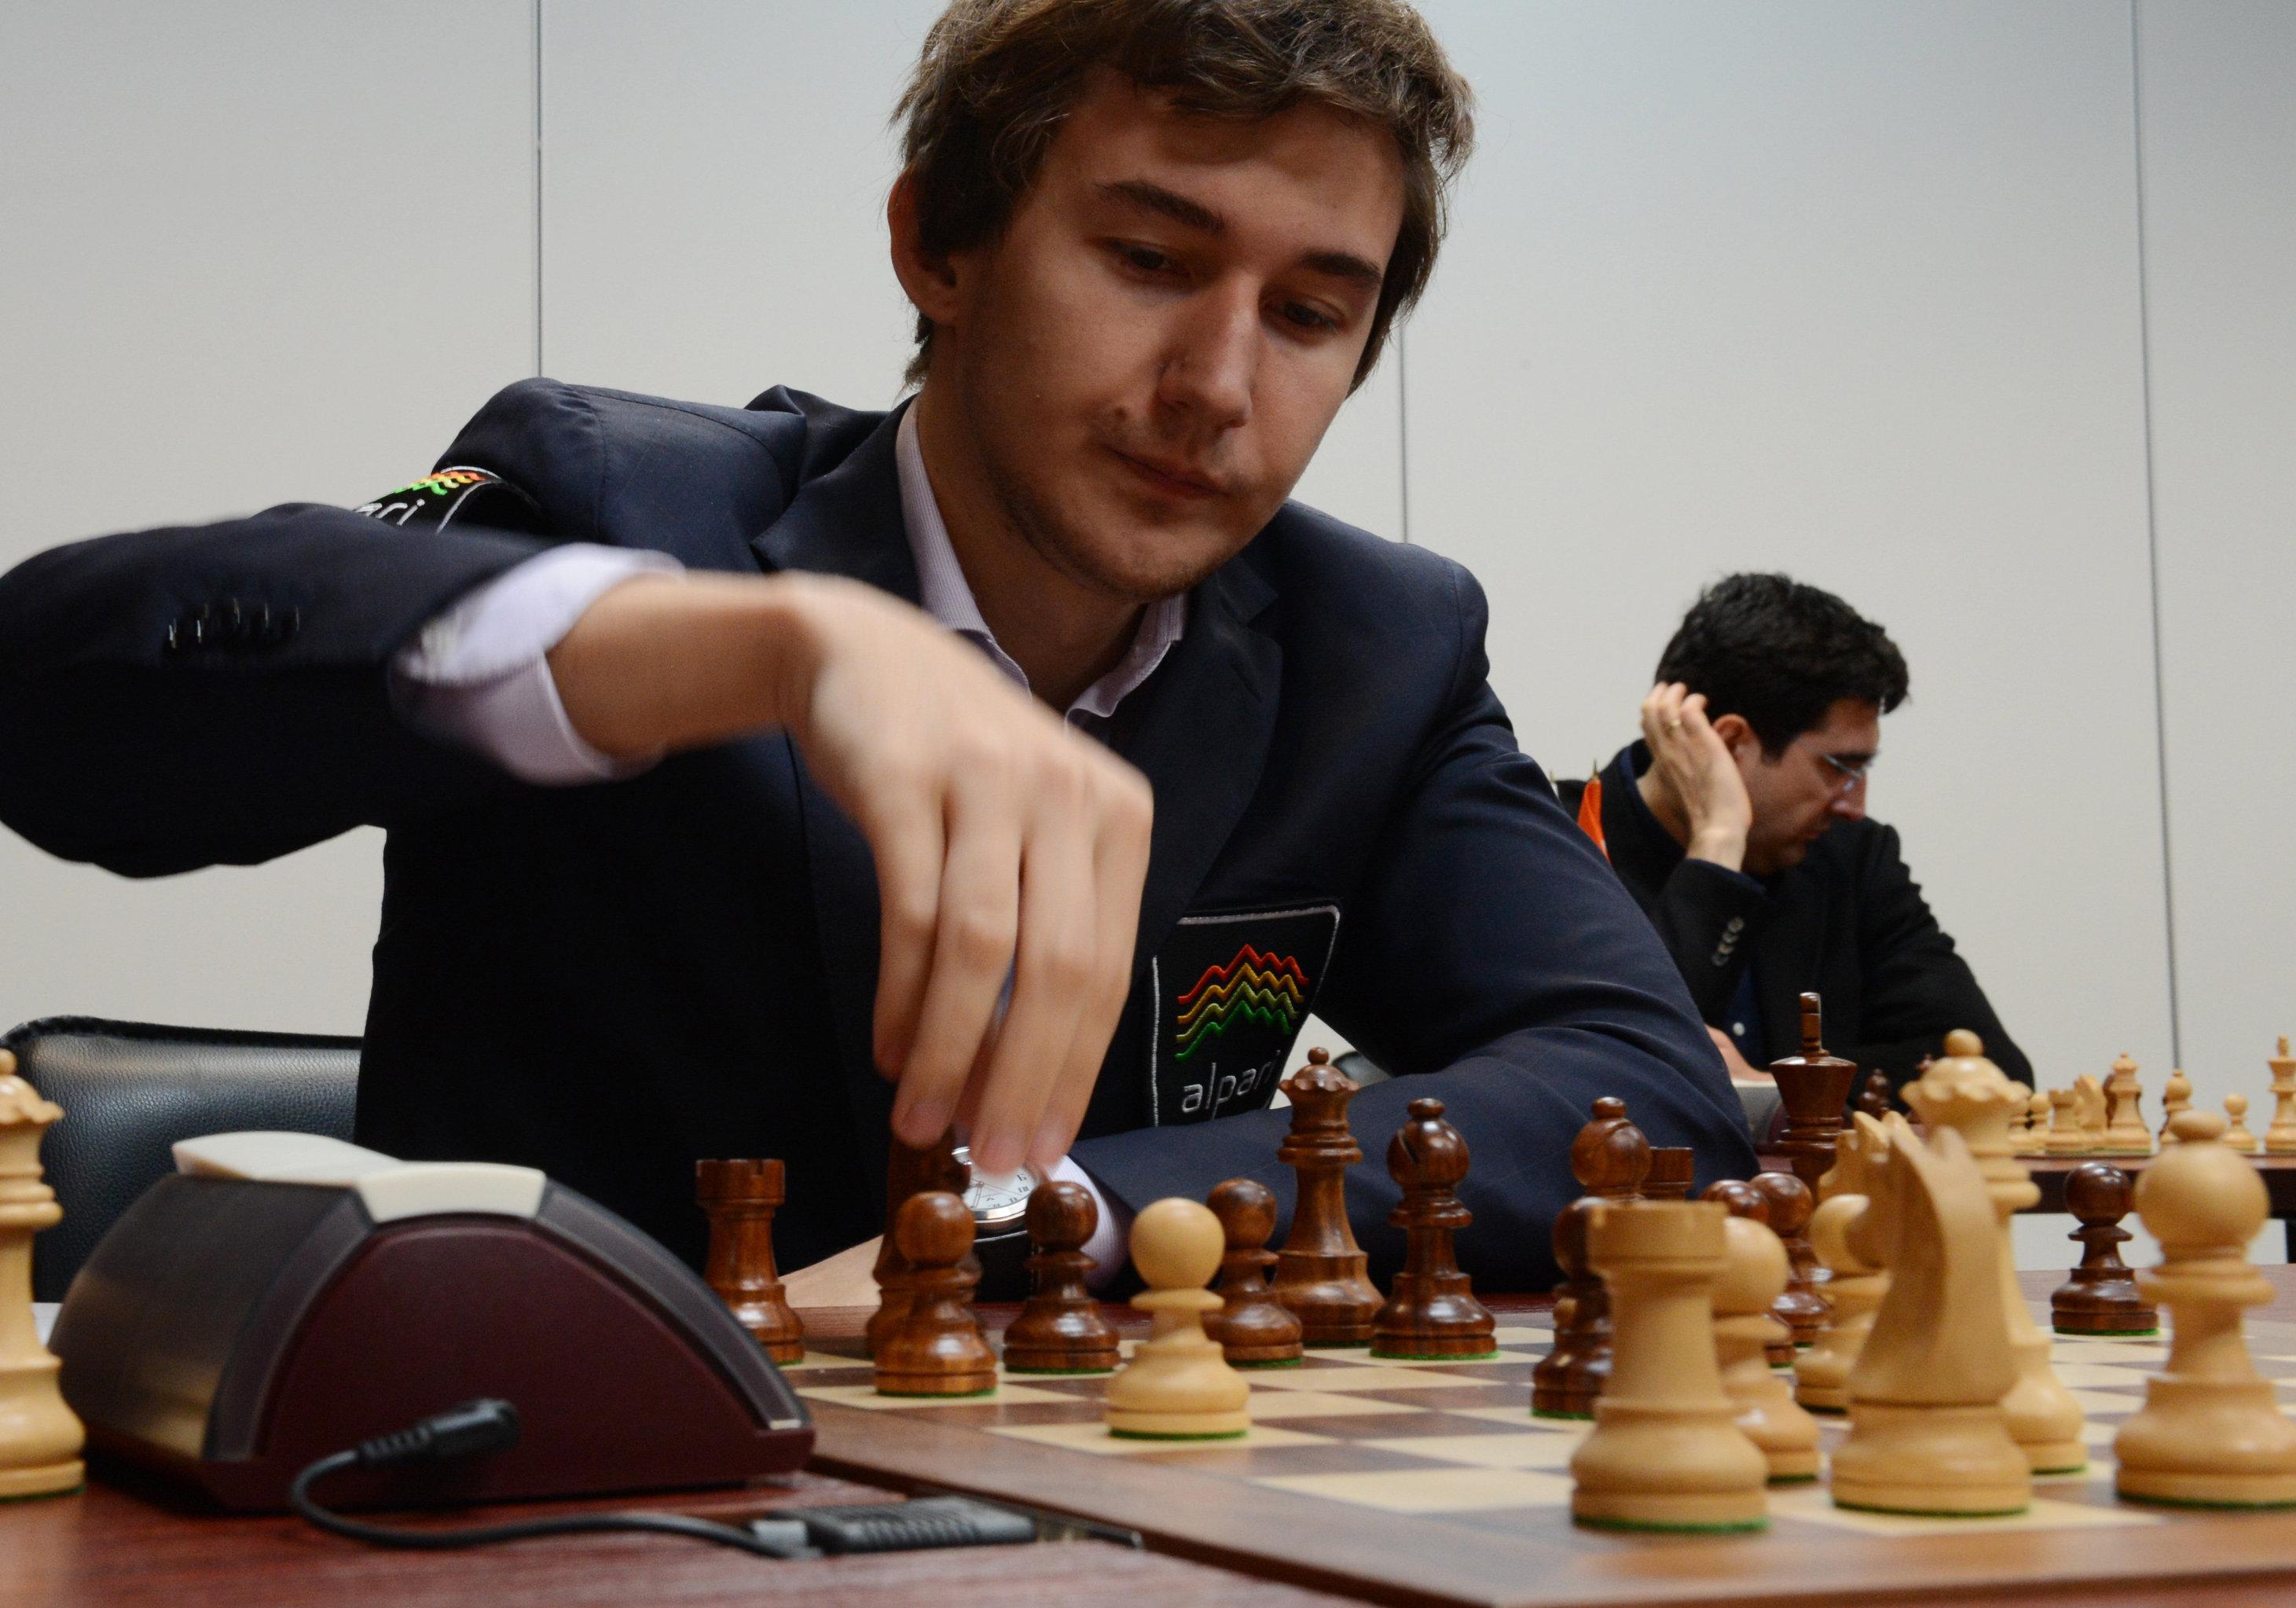 Serguéi Kariakin durante el torneo Memorial Tal 2013 celebrado en Moscú